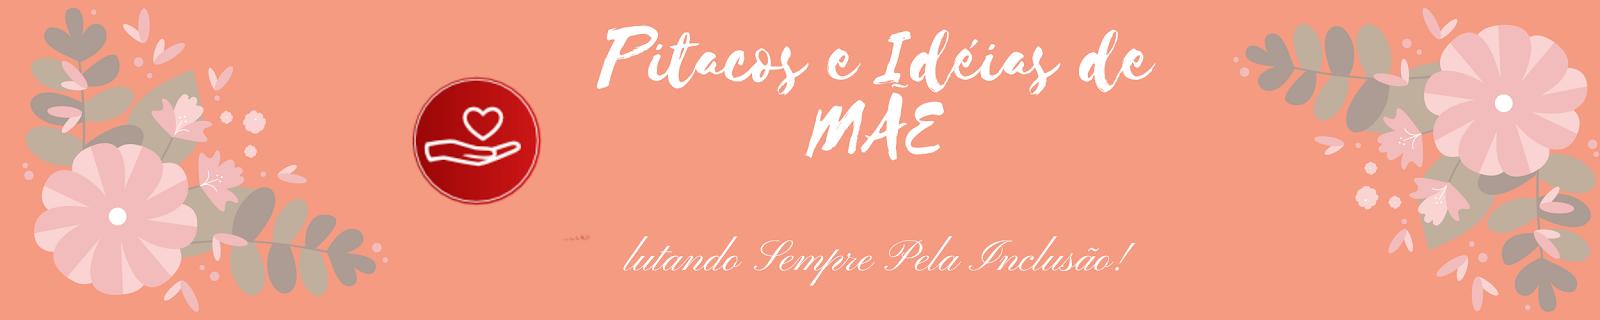 Pitacos e Idéias de Mãe